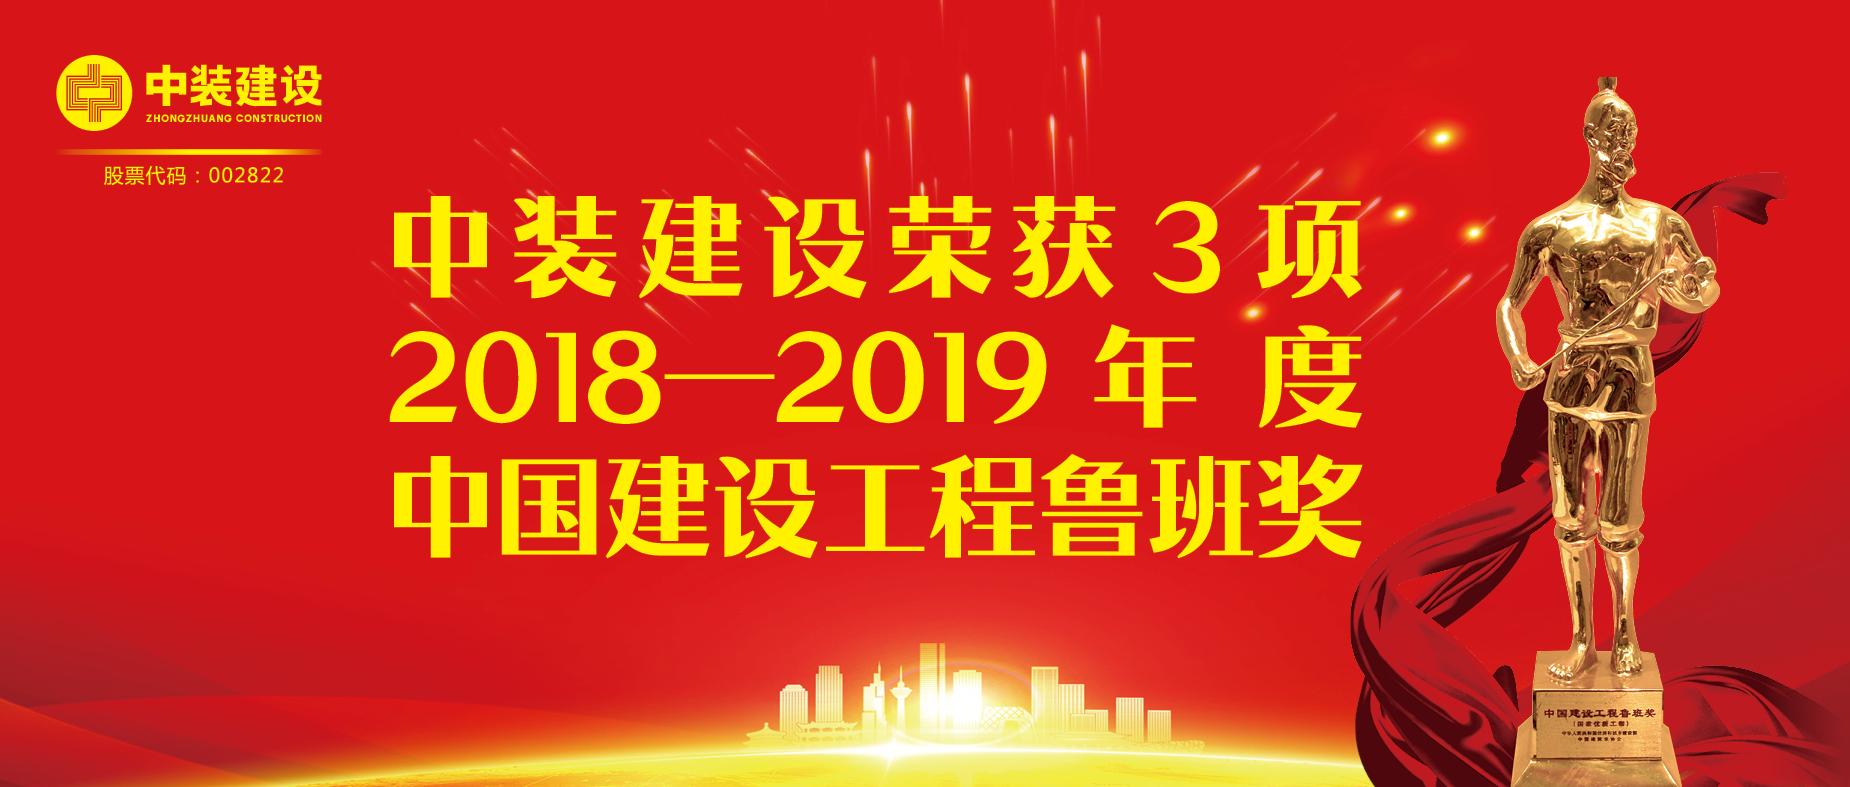 吉祥访手机投注站建设荣获3项2018-2019年度中国建设工程鲁班奖